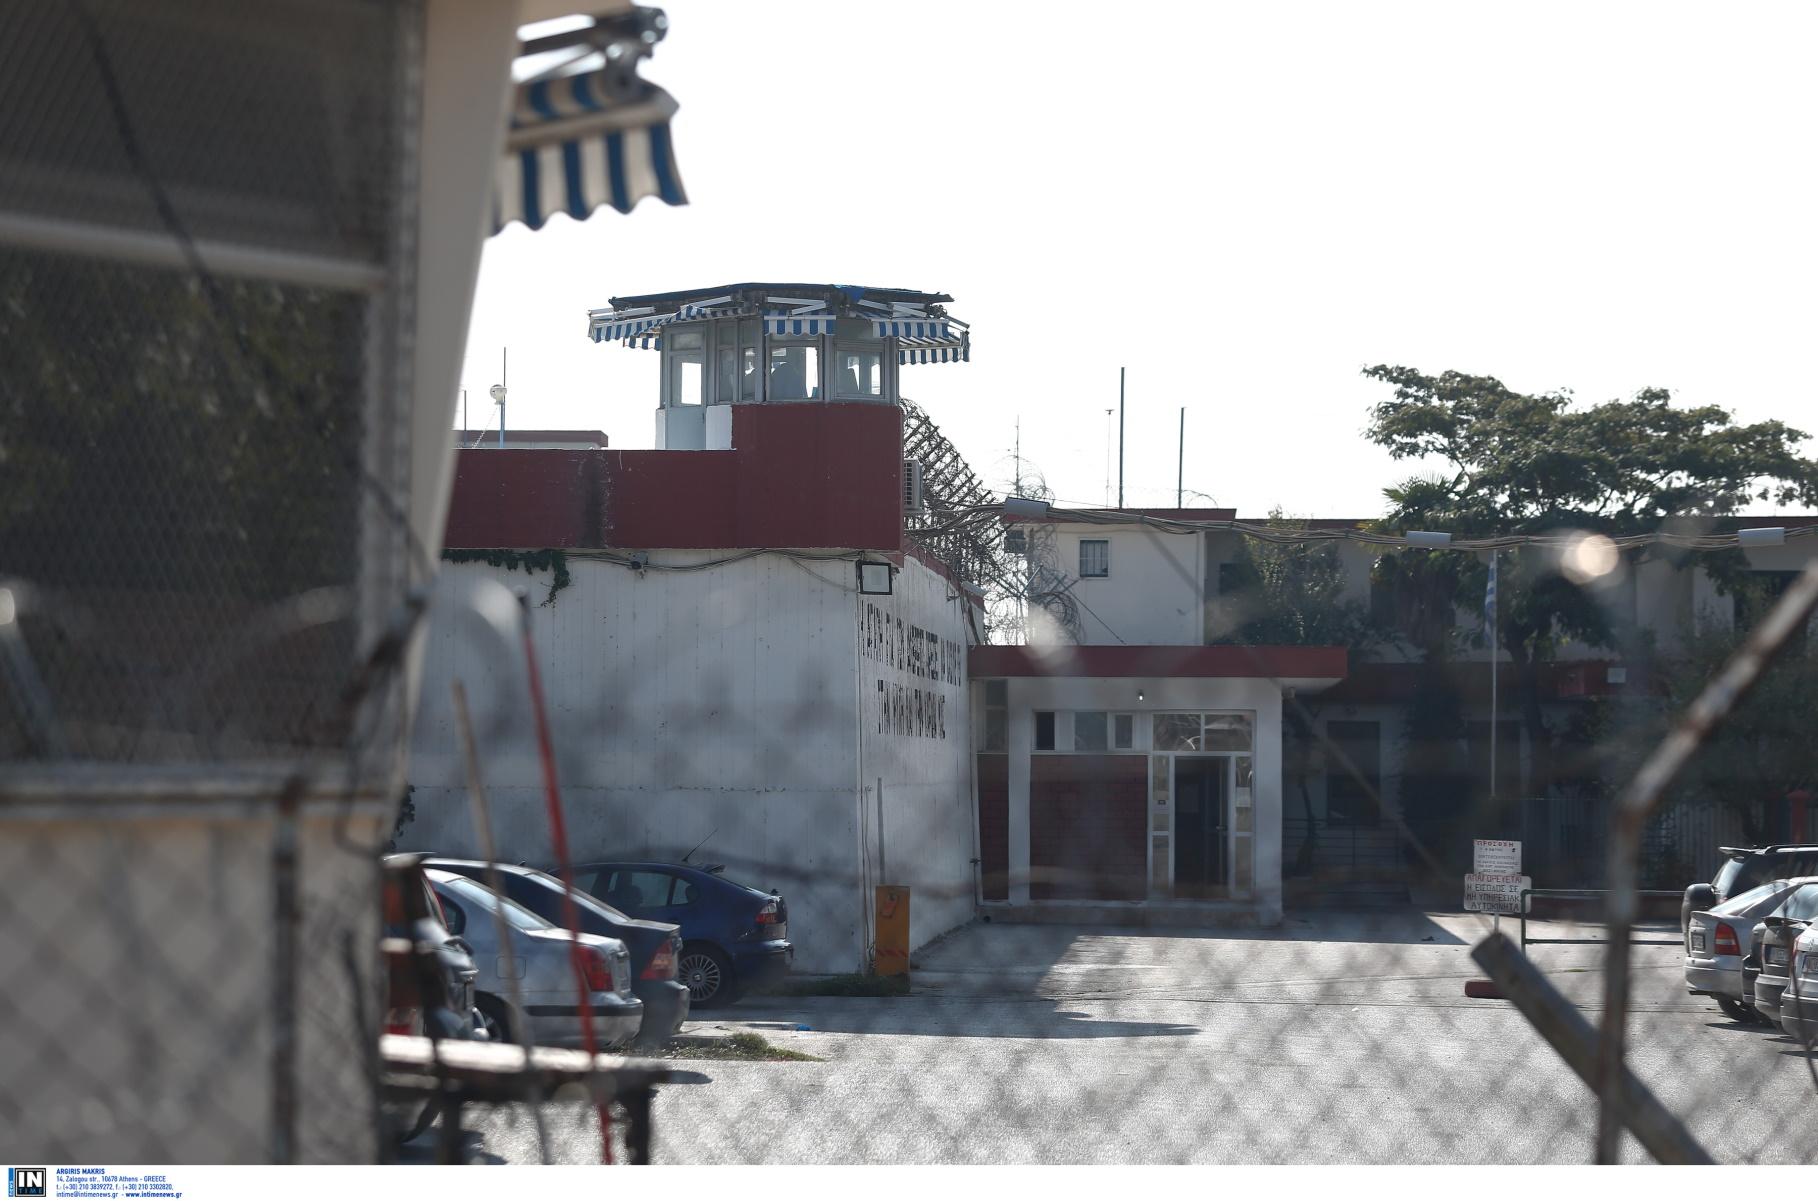 Φυλακές Μαλανδρίνου: Κρατούμενος πήρε άδεια αλλά «ξέχασε» να επιστρέψει